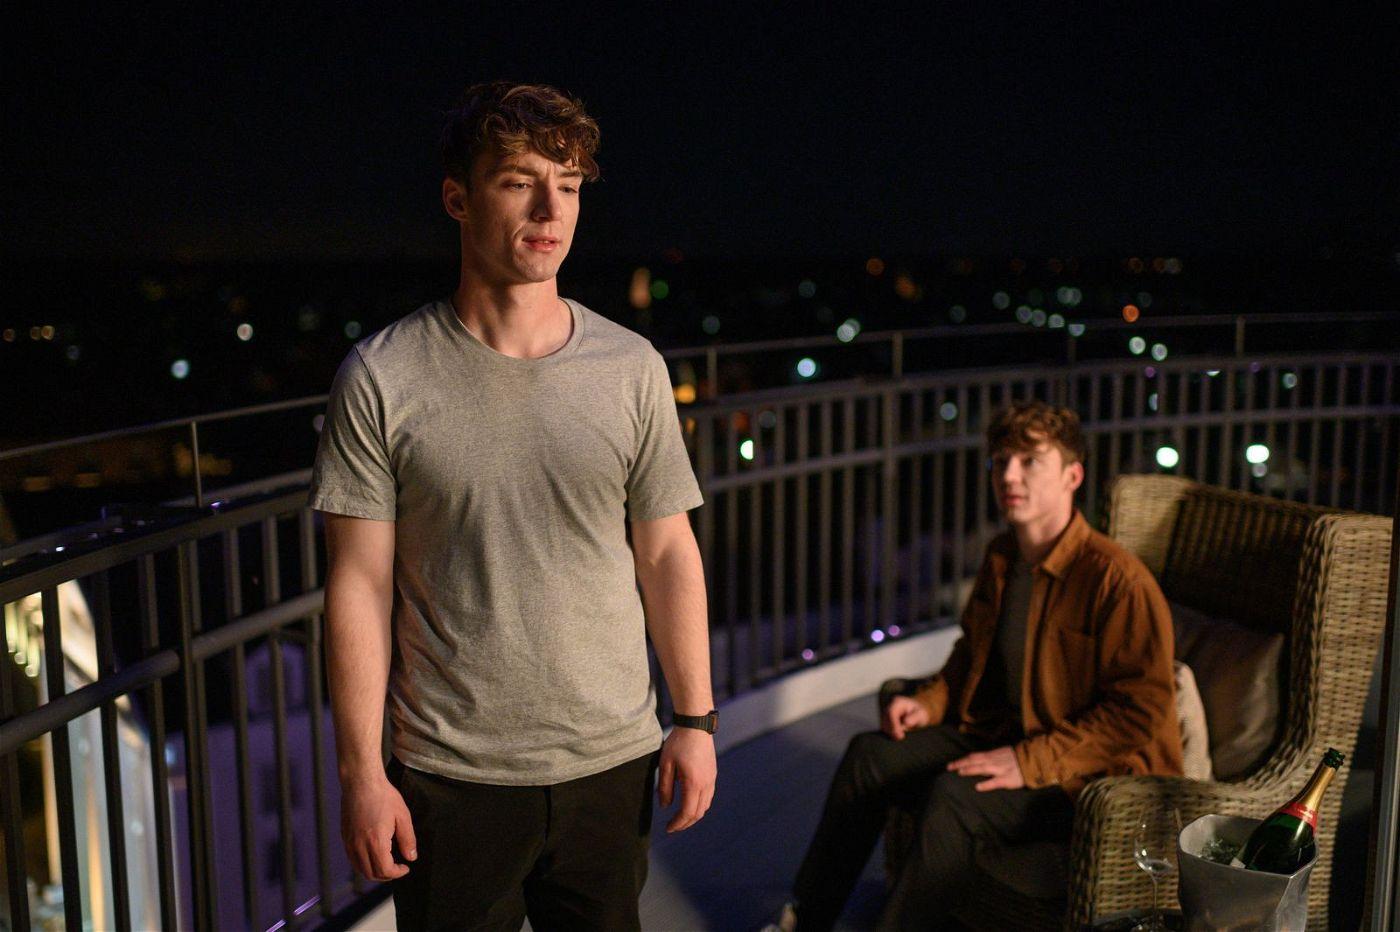 """Die Lochmann-Zwillinge stehen nicht zum ersten Mal vor der Kamera: 2015 spielten sie bereits in dem Kinofilm """"Bruder vor Luder""""."""